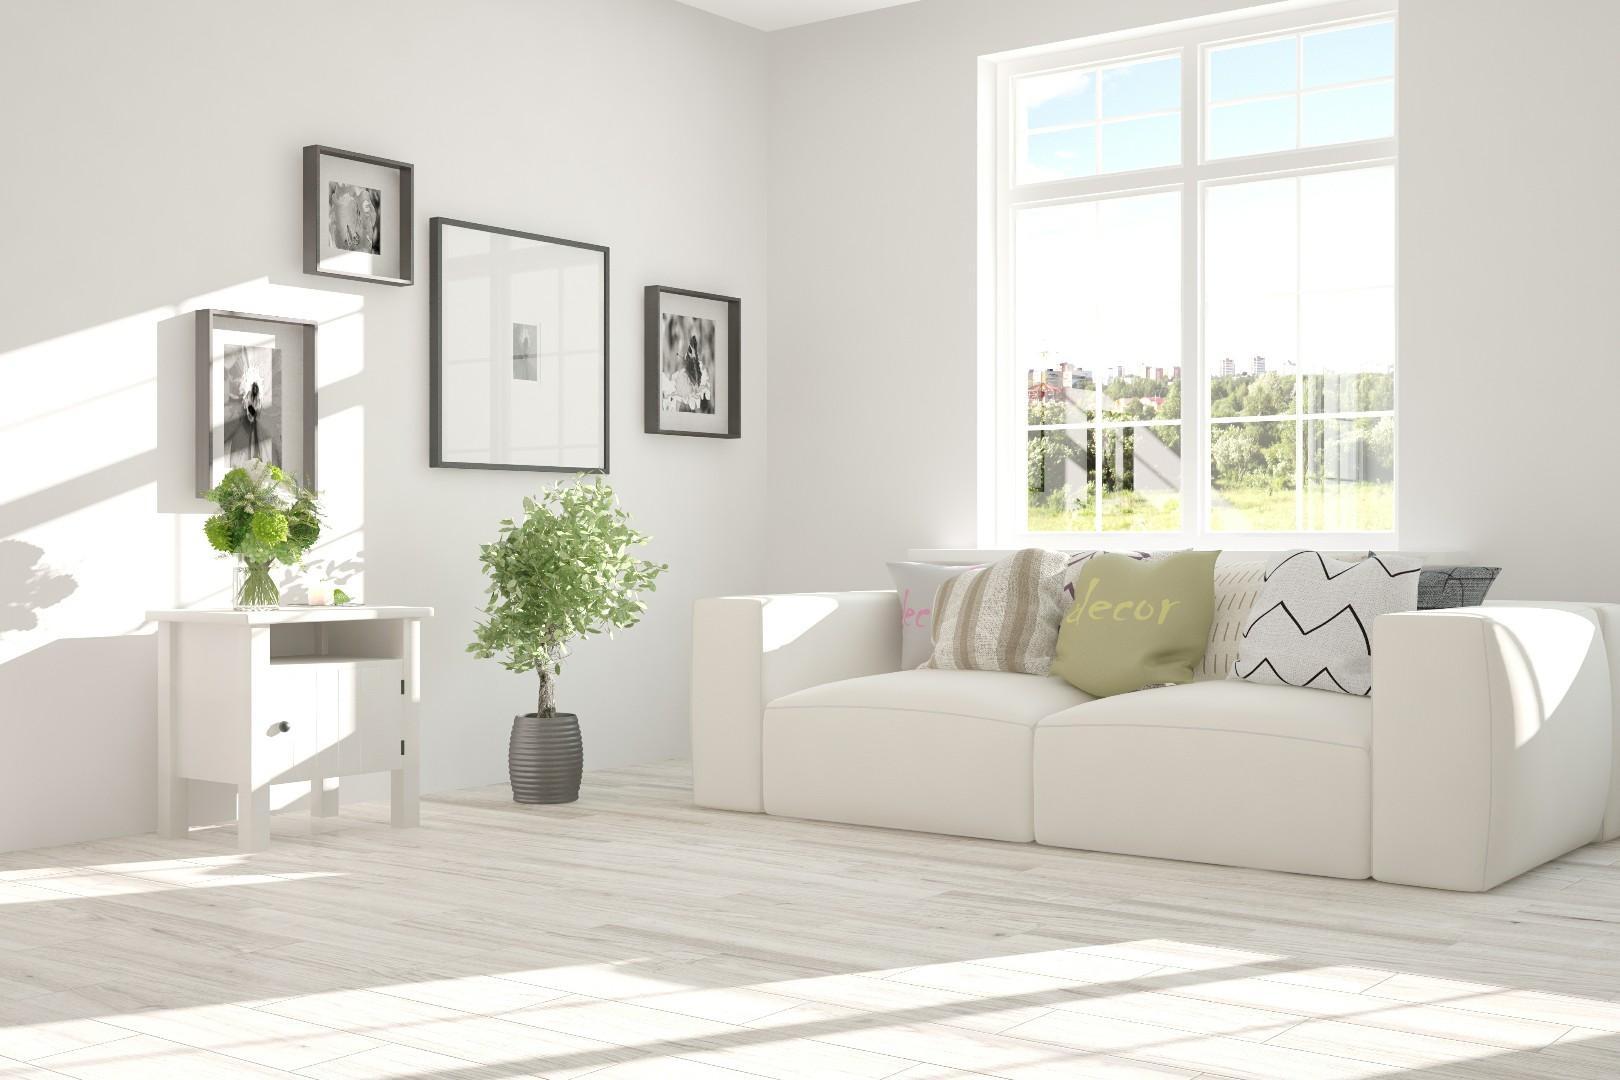 Choisissez minutieusement vos meubles